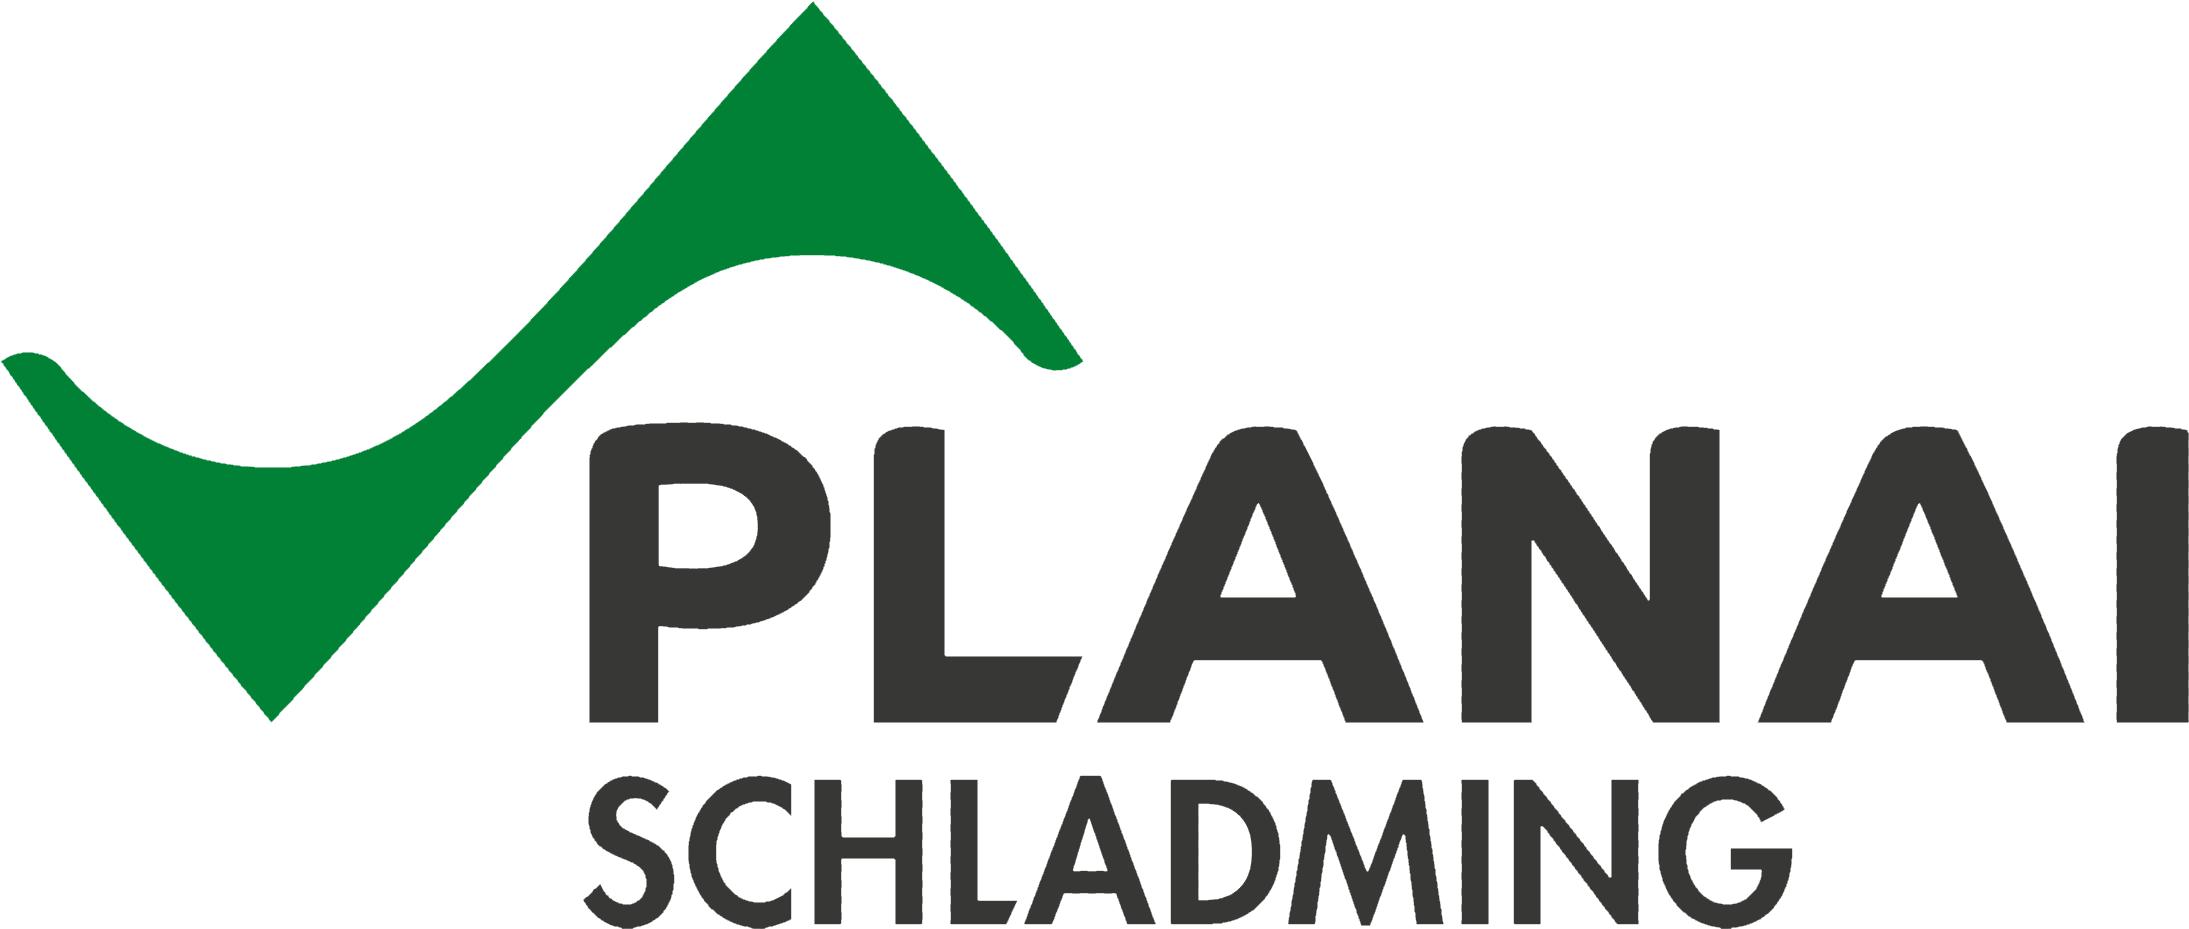 Planai-Hochwurzen-Bahnen GmbH